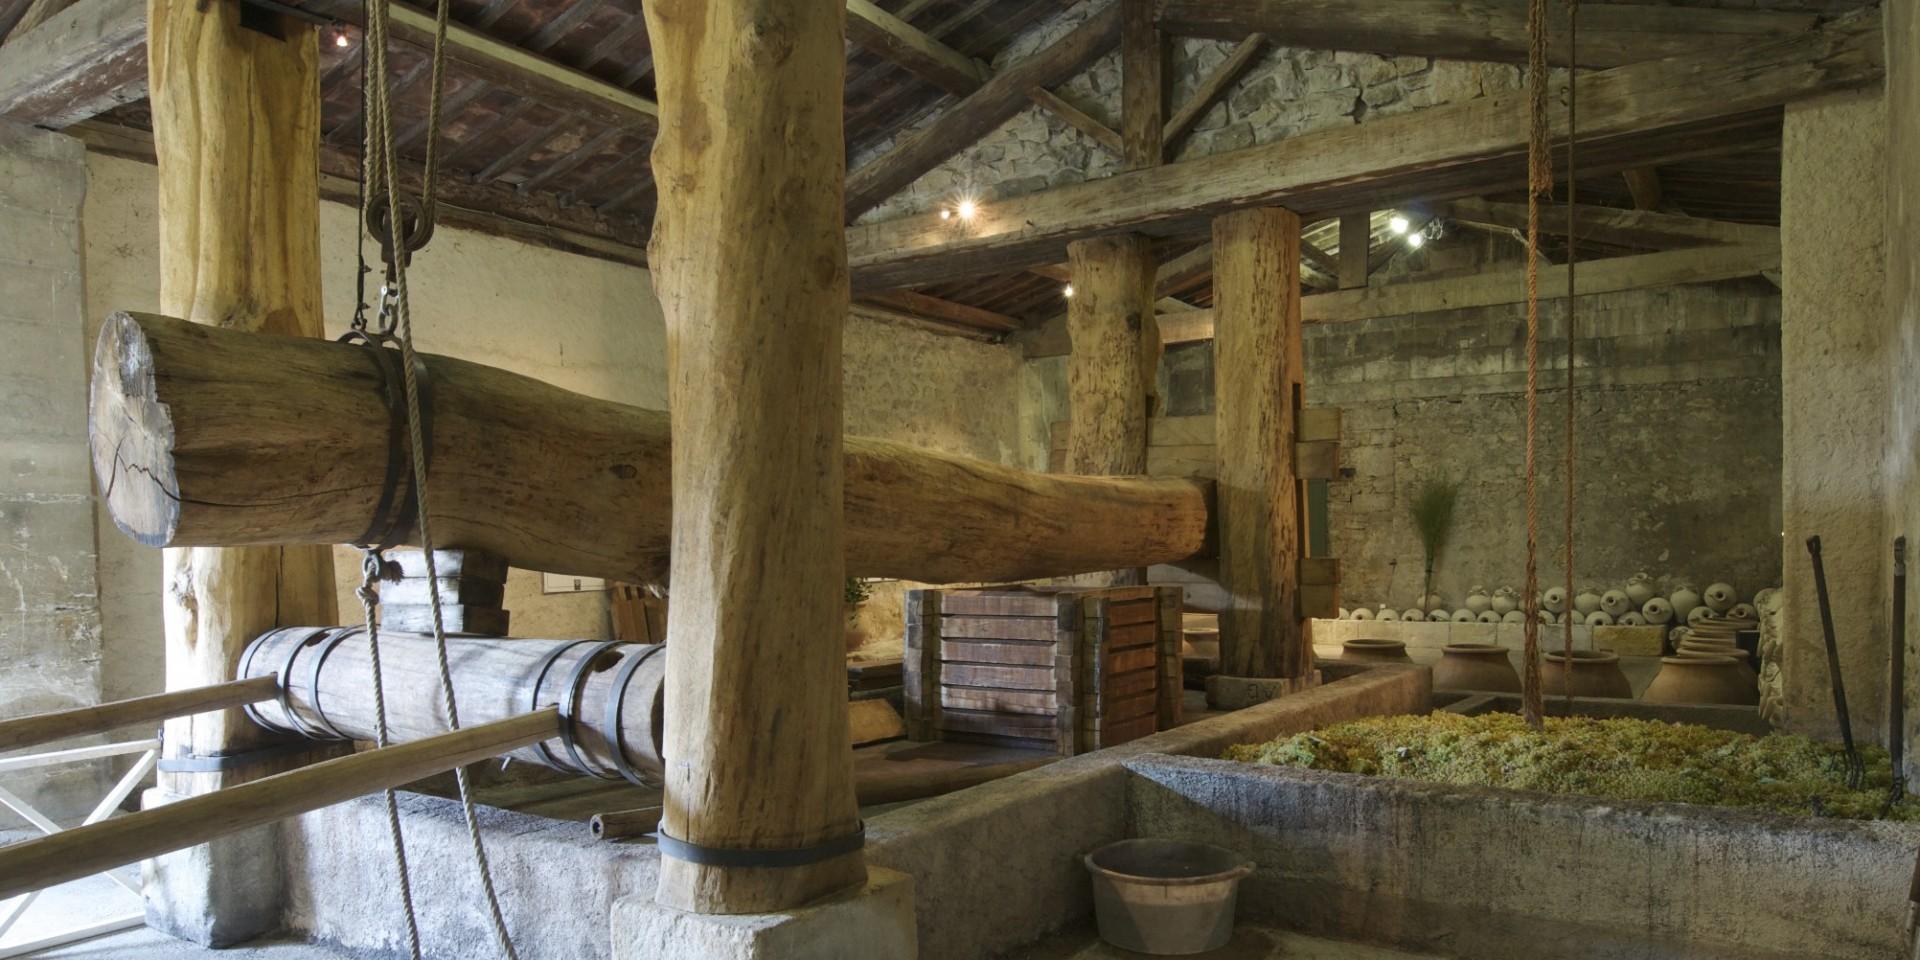 Le pressoir reconstitué de la cave gallo-romaine